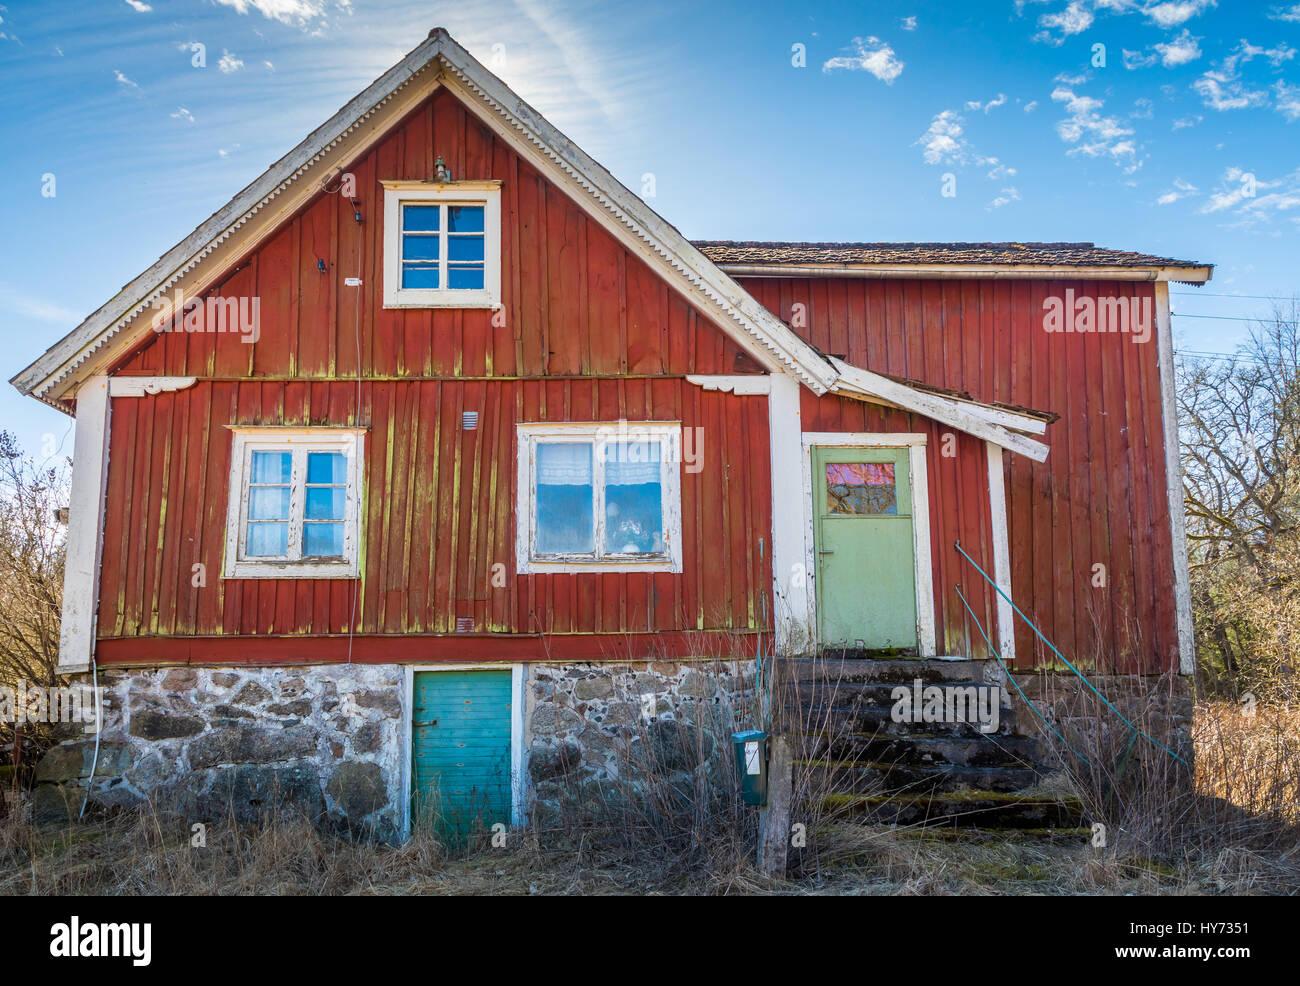 Haus am alten Bauernhof der südlichen Provinz Blekinge in Schweden, in der Nähe von Kyrkhult. Stockbild